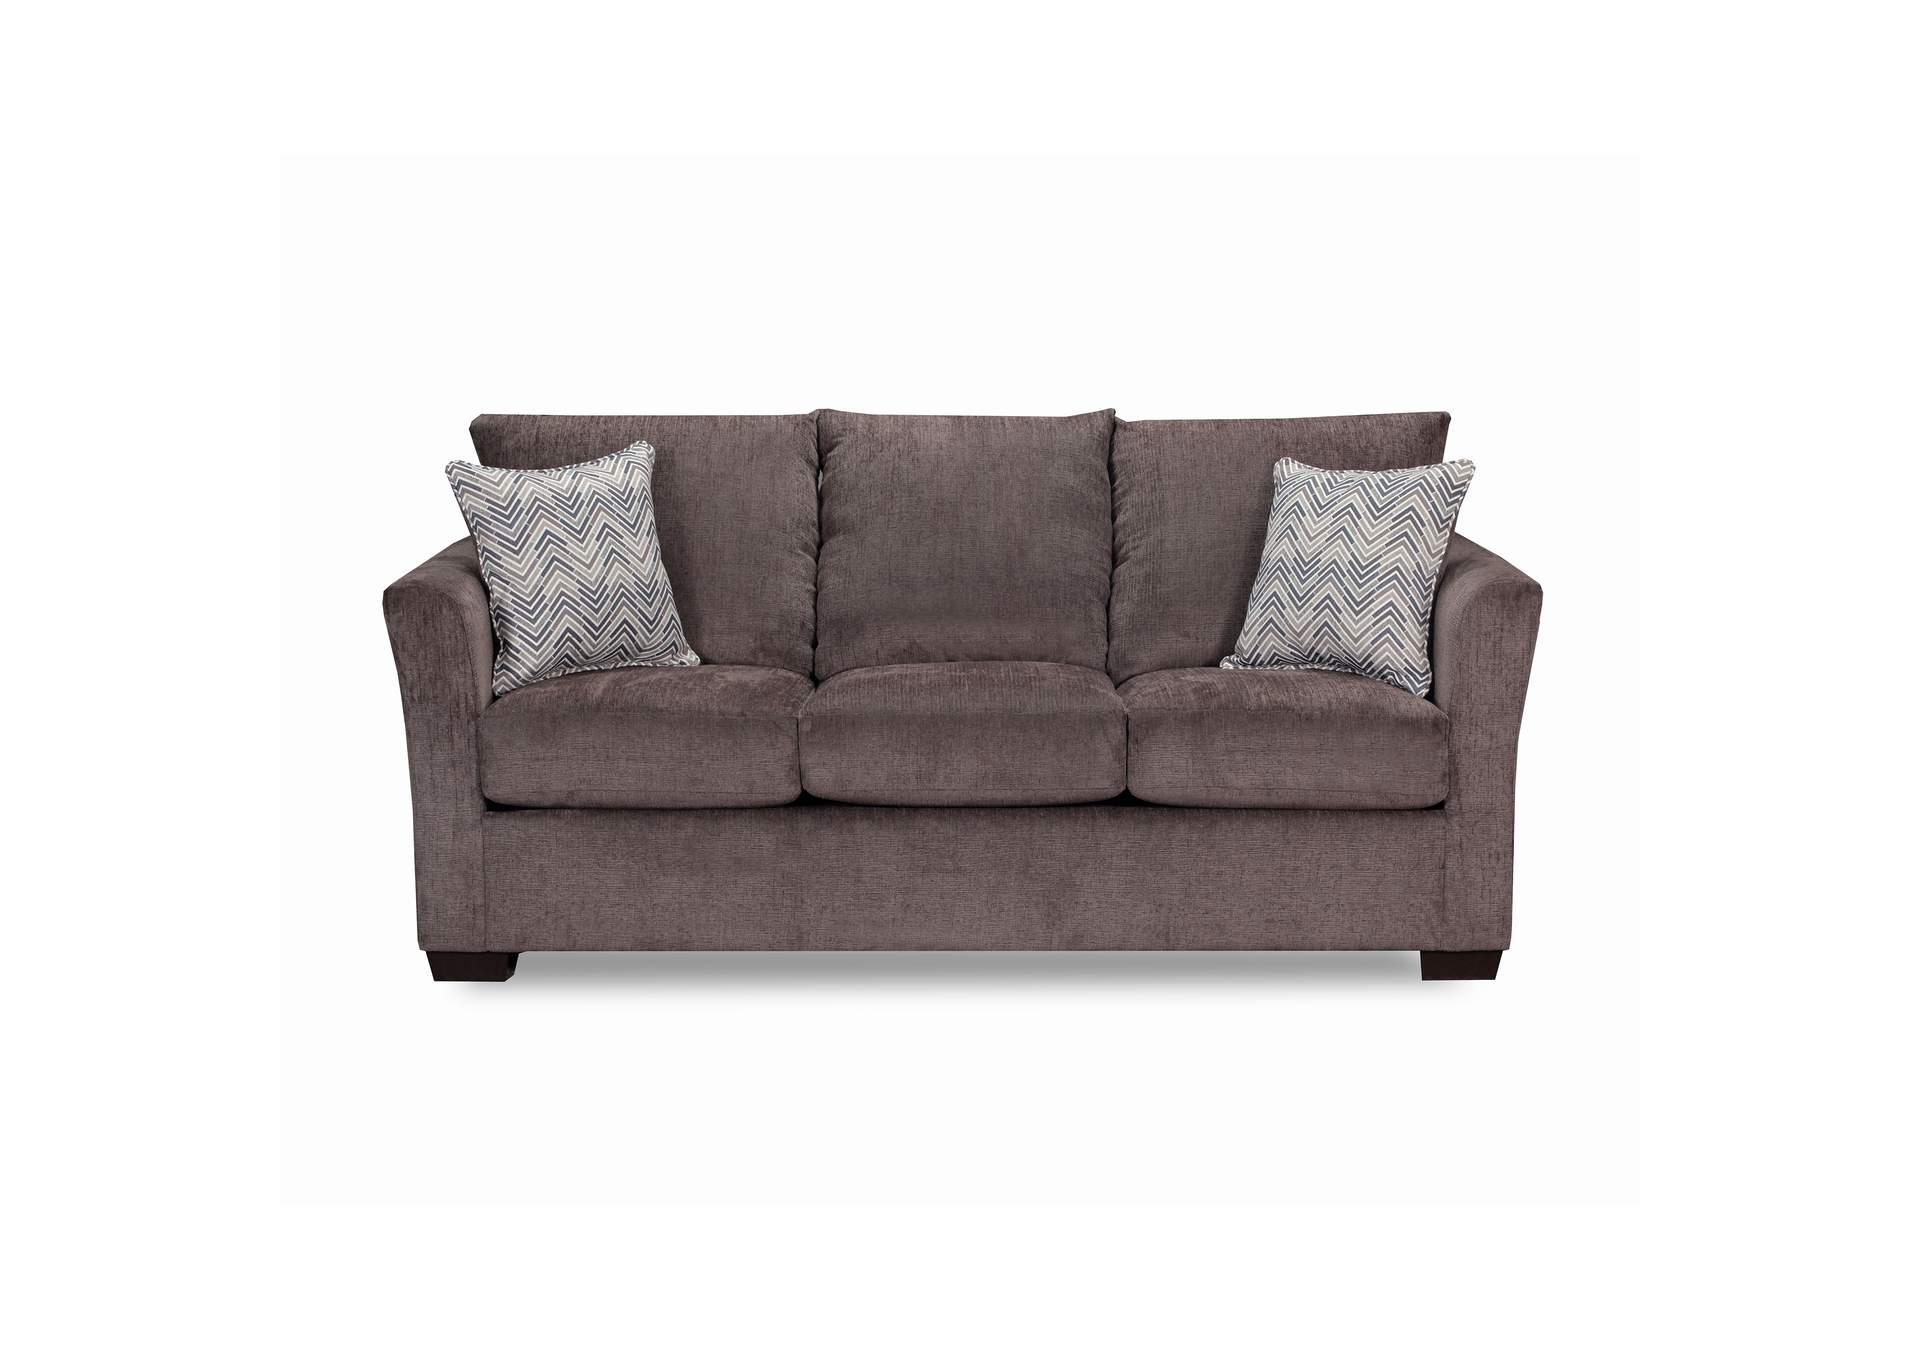 4206 Sleeper Sofa